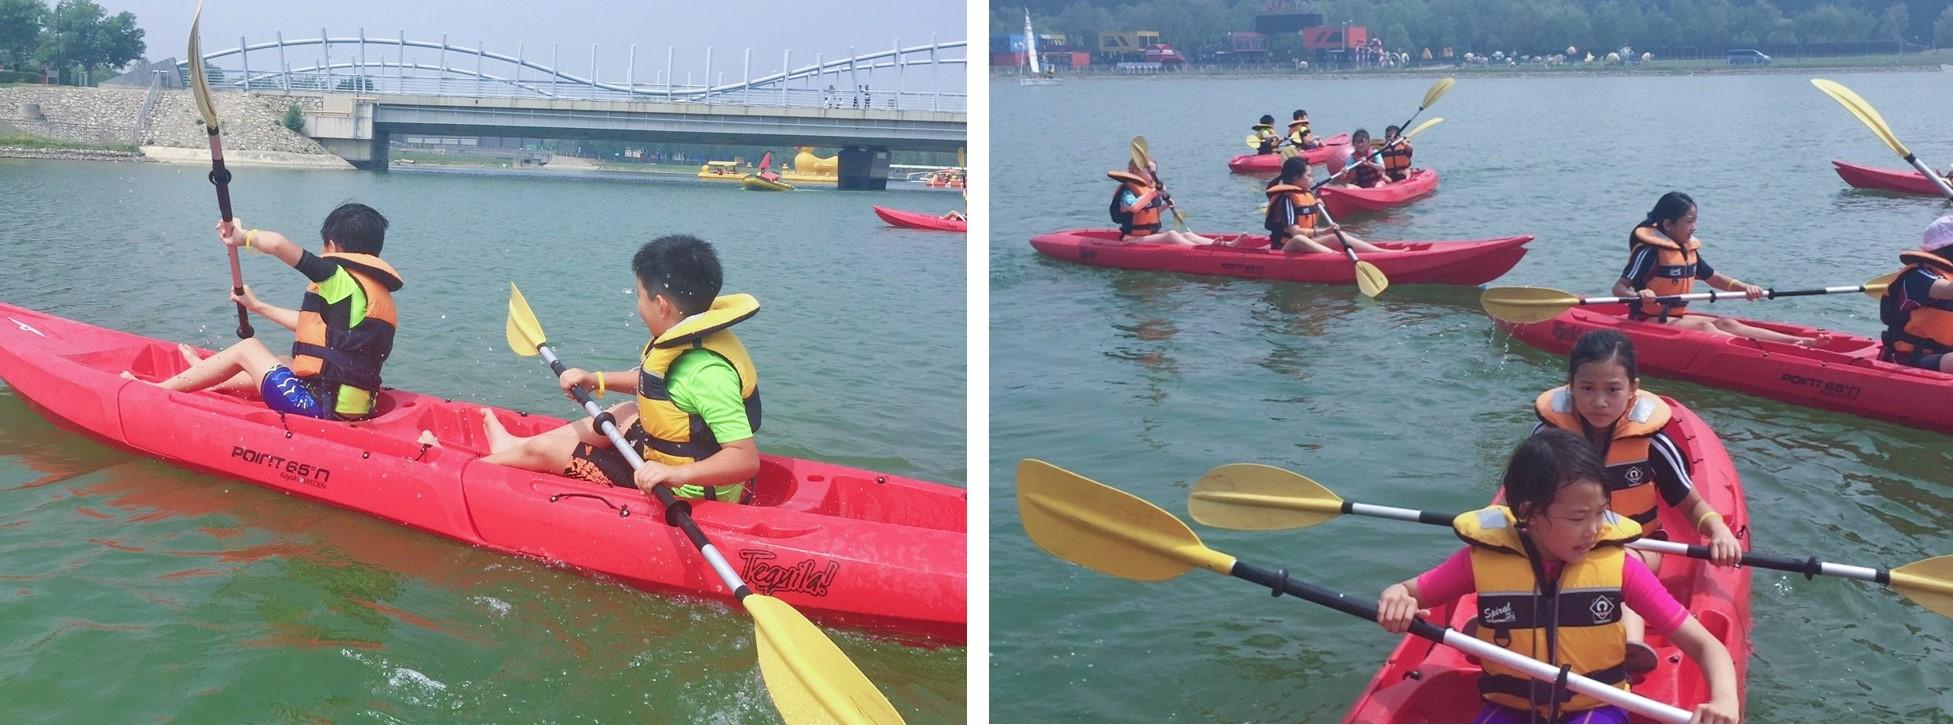 2019-dcb-year-4-residential-kayaking-北京德威英国国际学校